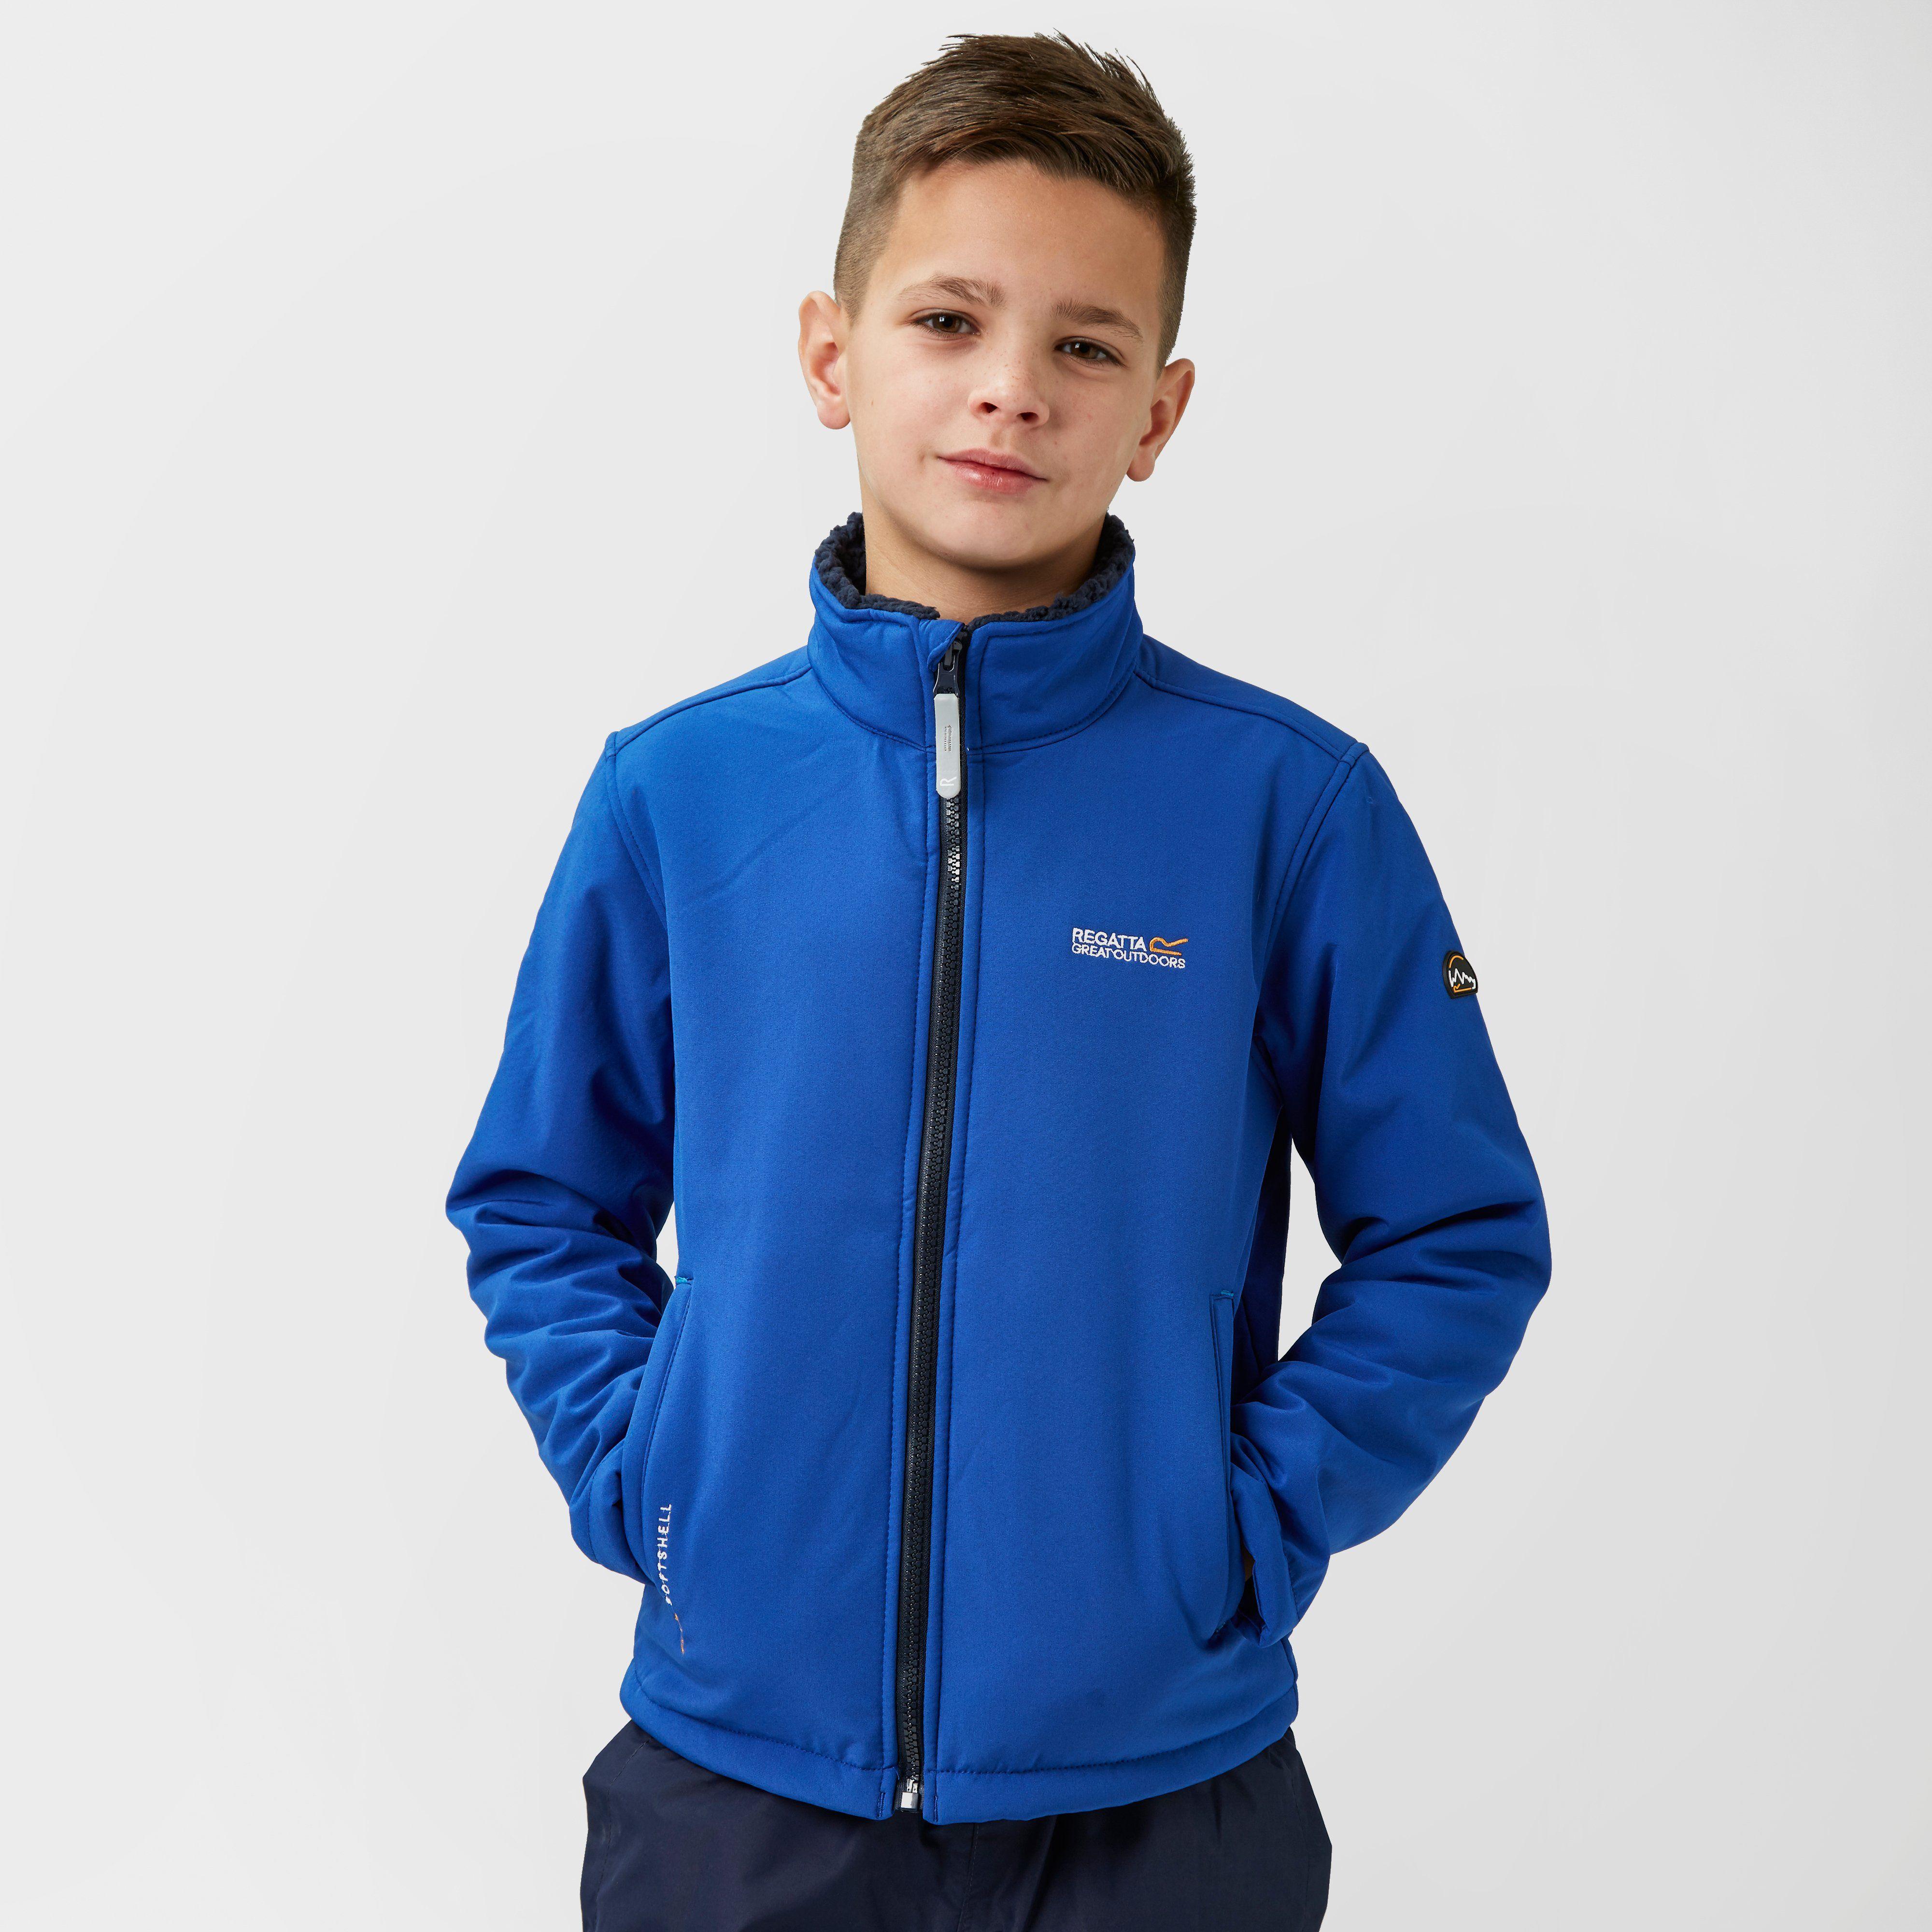 REGATTA Boy's Tato IV Softshell Jacket